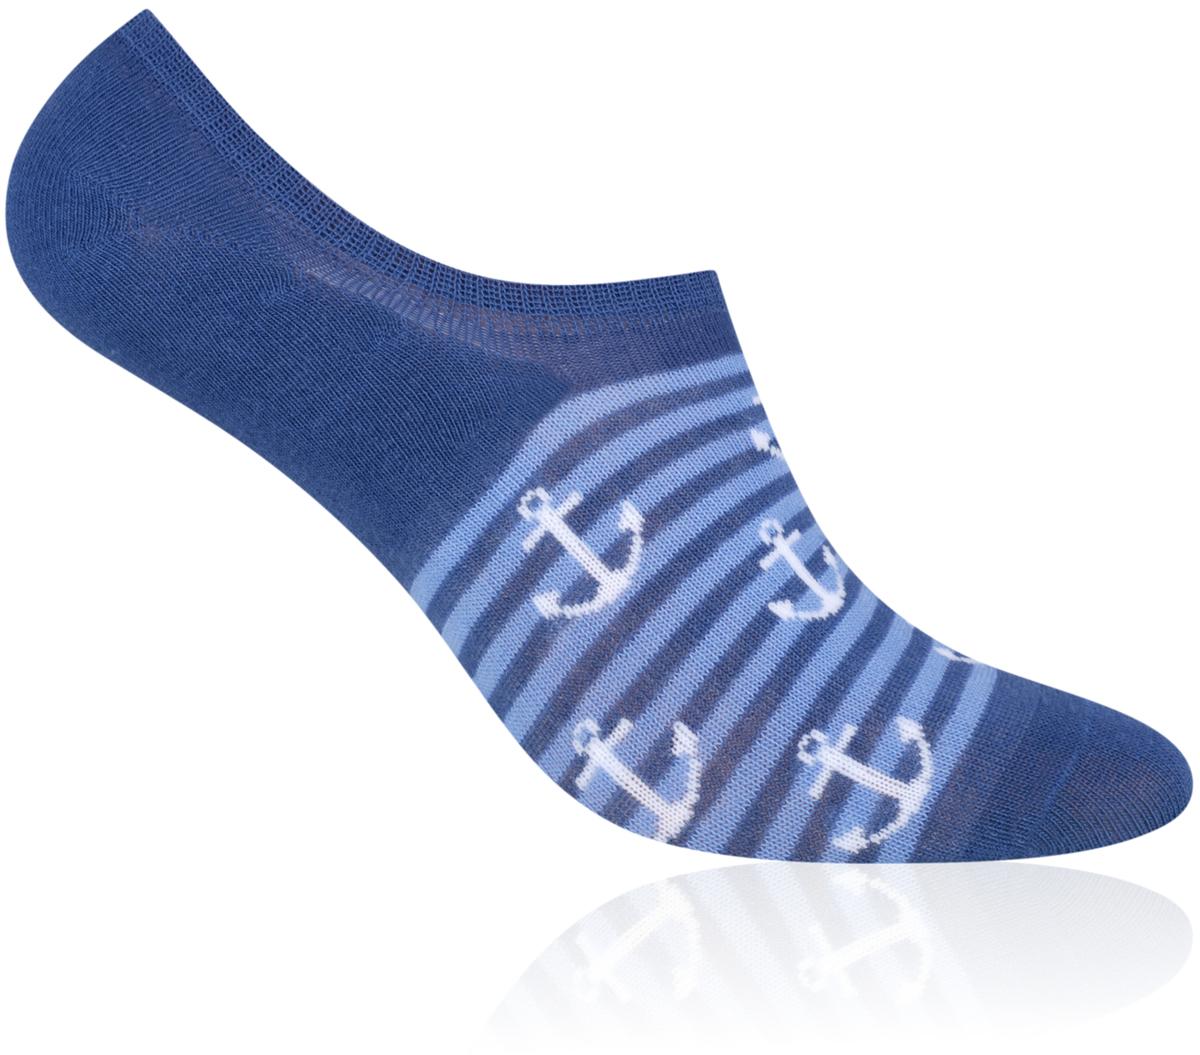 Носки детские Steven, цвет: синий. 150 (MR015). Размер 32/34150 (MR015)/150 (MP015)Носки Steven изготовлены из качественного материала на основе хлопка. Укороченная модель имеет мягкую эластичную резинку. Носки хорошо держат форму и обладают повышенной воздухопроницаемостью.